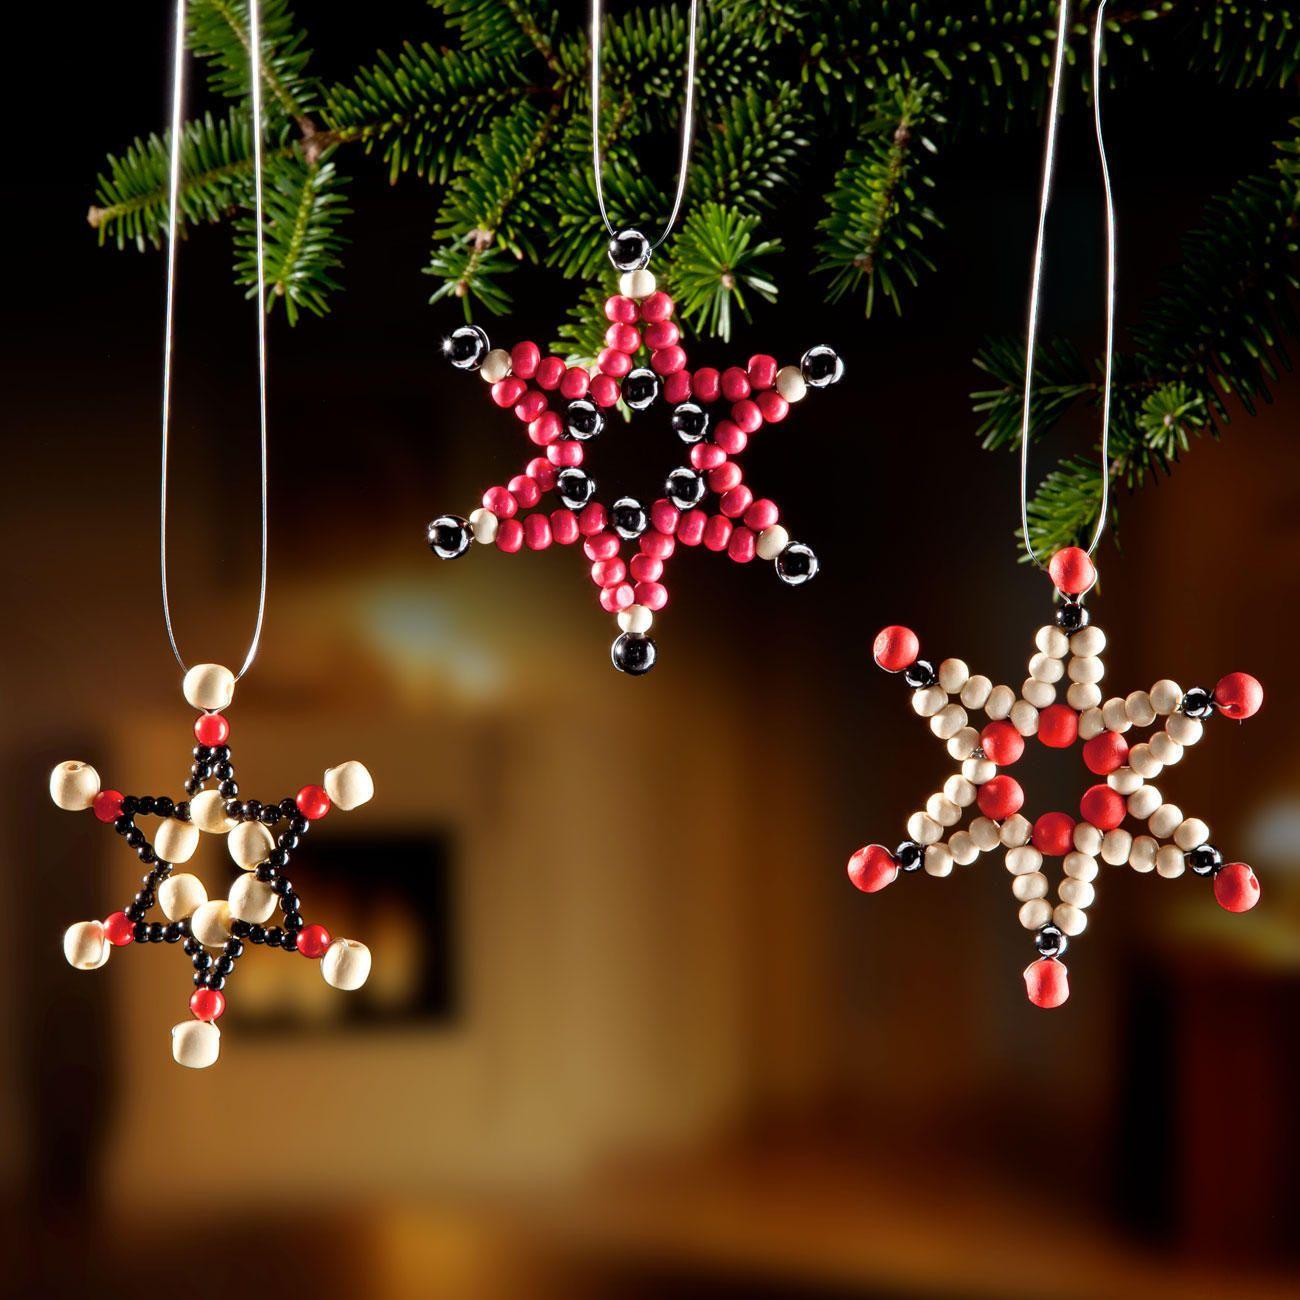 funkelnder weihnachtsschmuck aus perlen kunststoff als geschenkanh nger baum oder. Black Bedroom Furniture Sets. Home Design Ideas